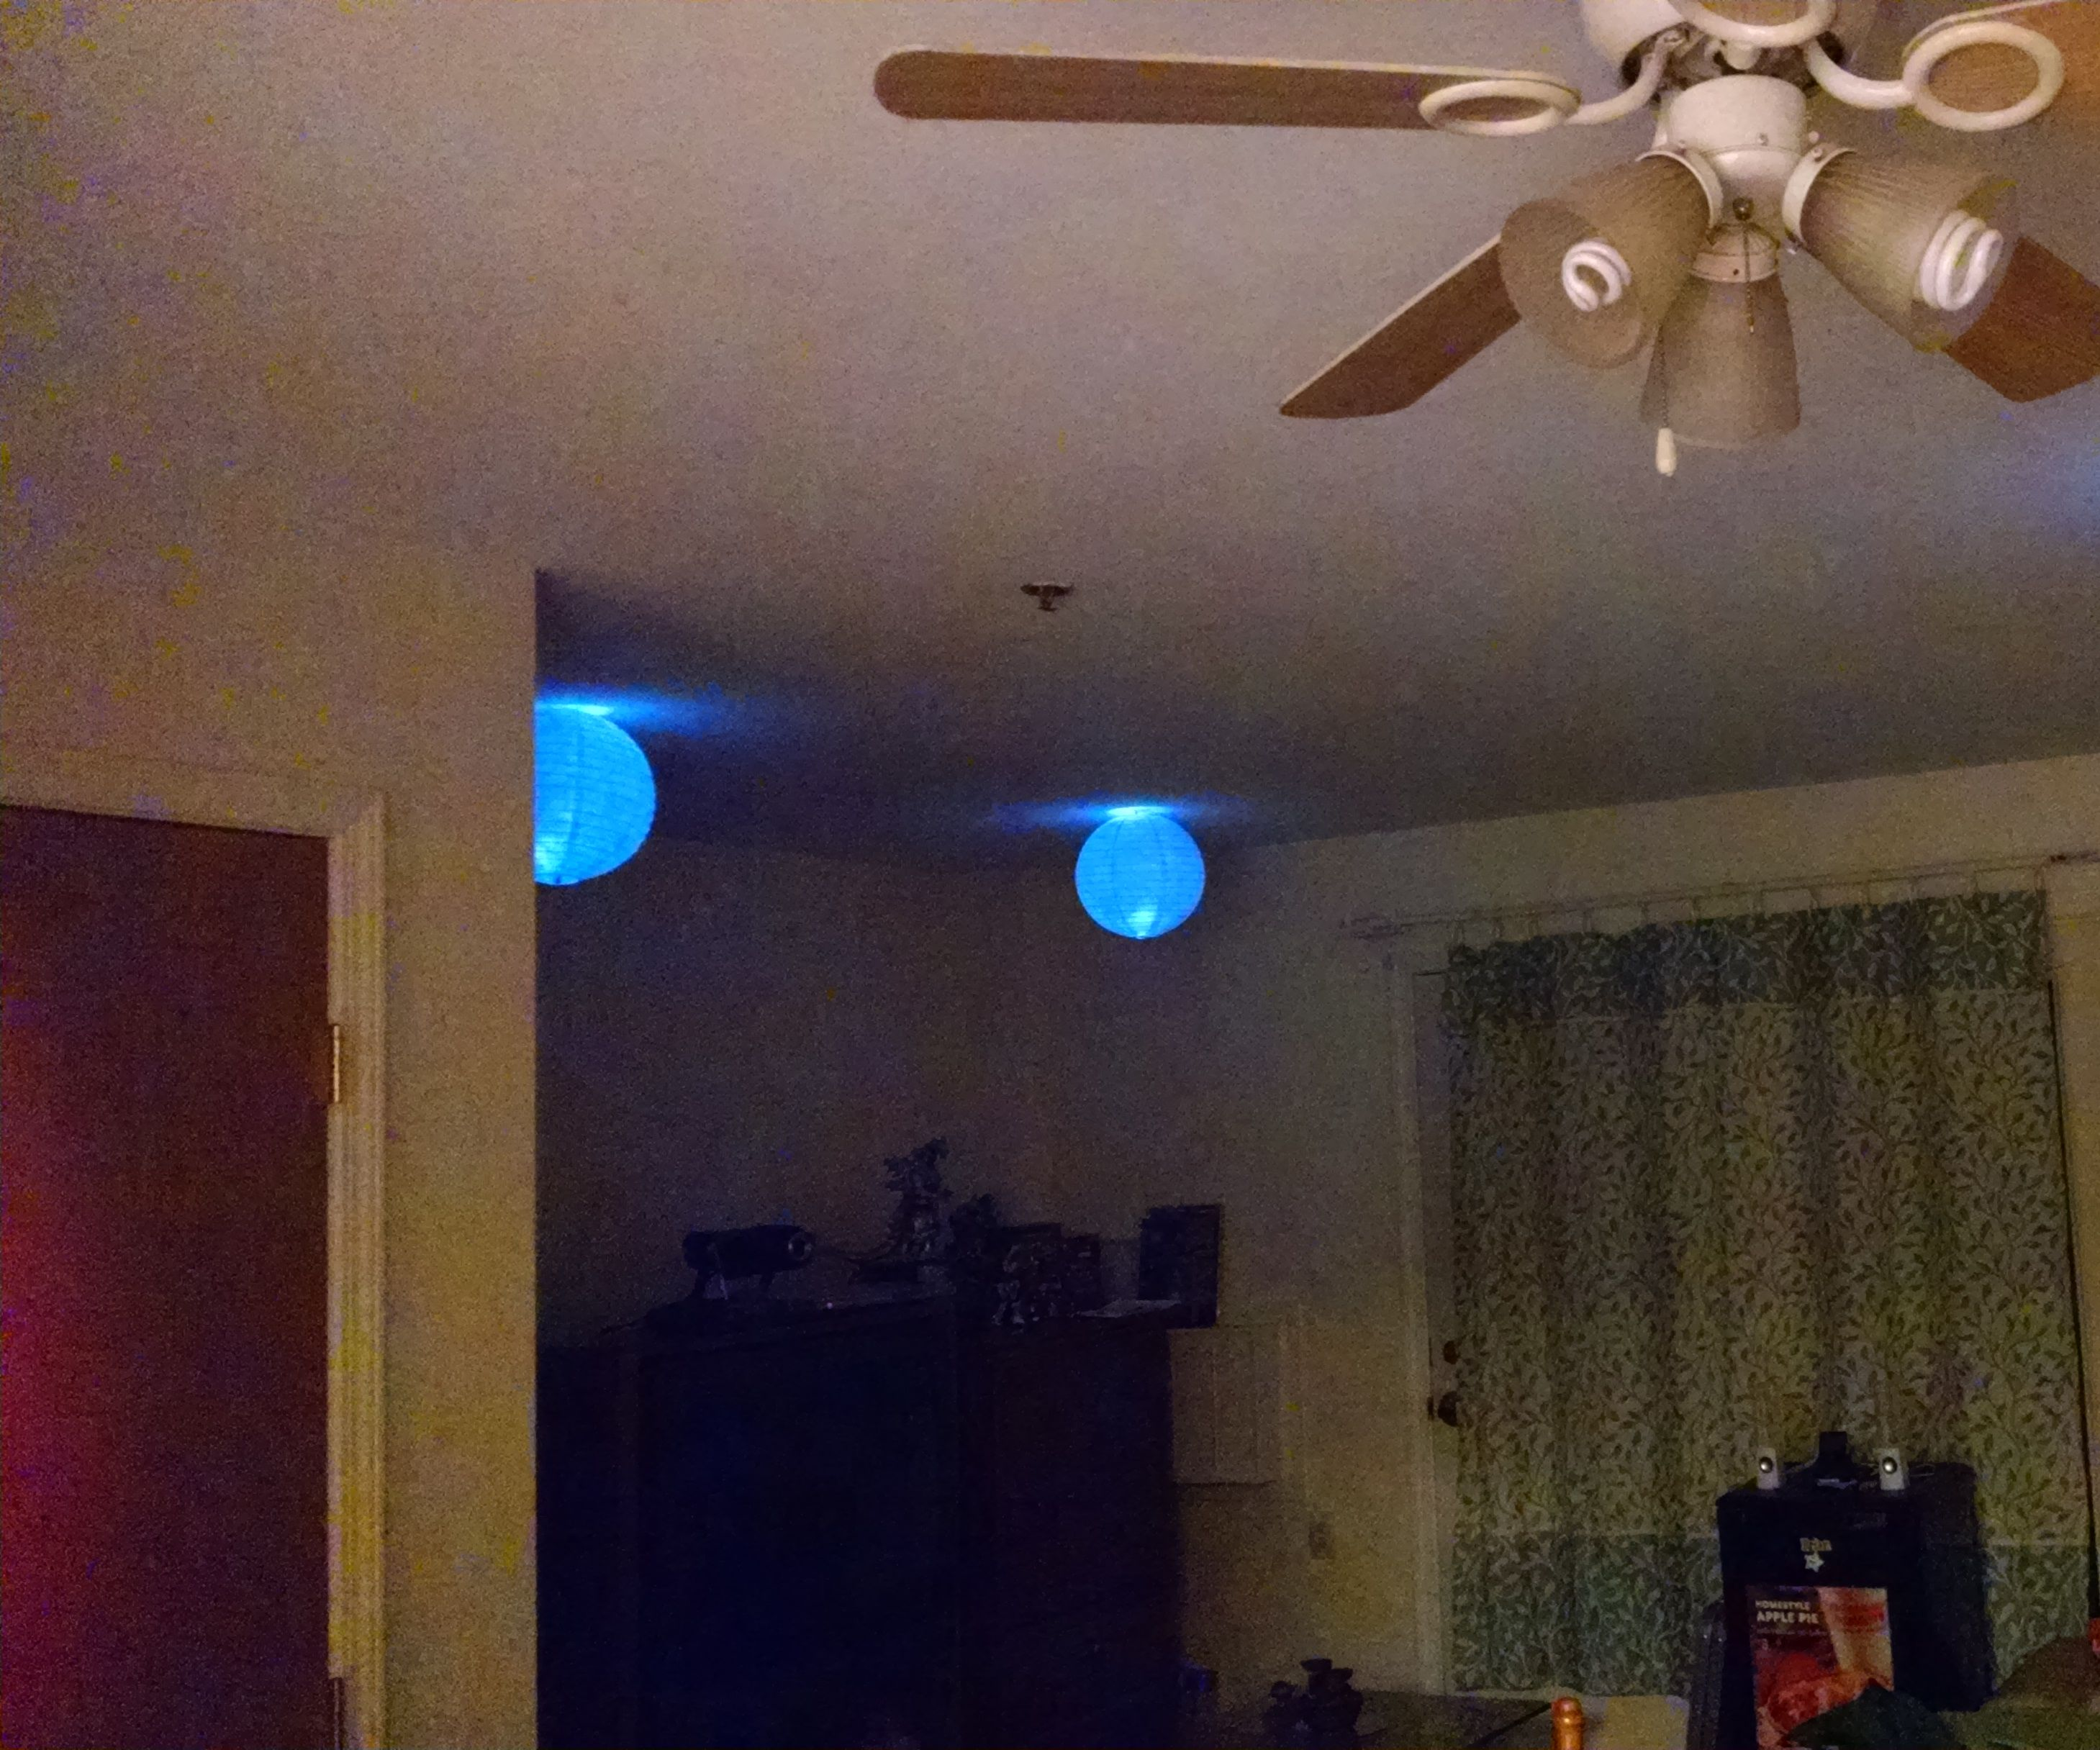 Japanese floating lights